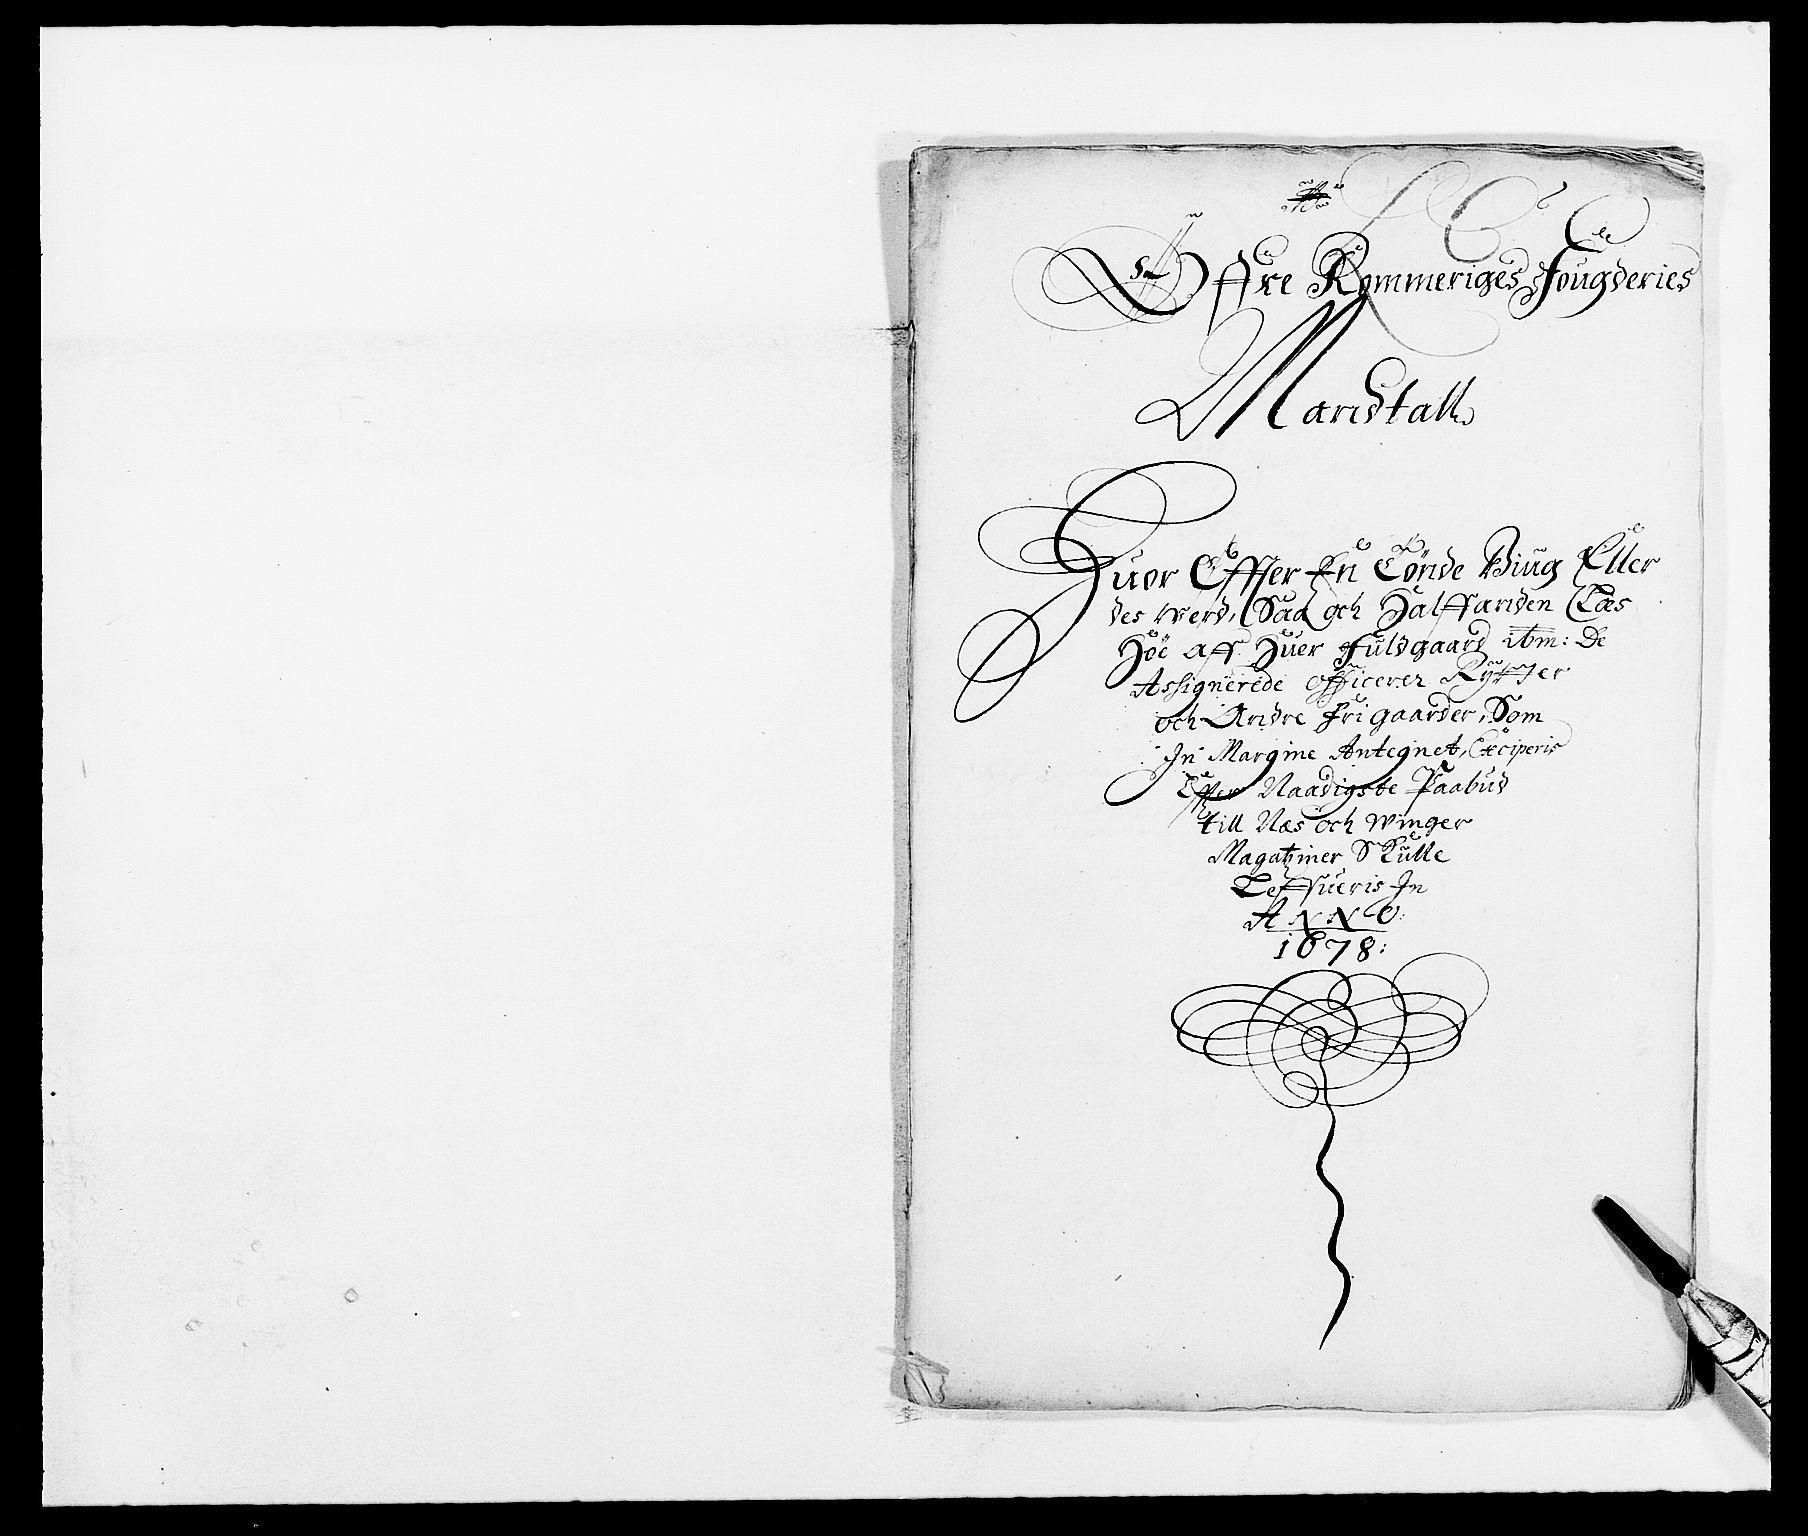 RA, Rentekammeret inntil 1814, Reviderte regnskaper, Fogderegnskap, R12/L0693: Fogderegnskap Øvre Romerike, 1678-1679, s. 115